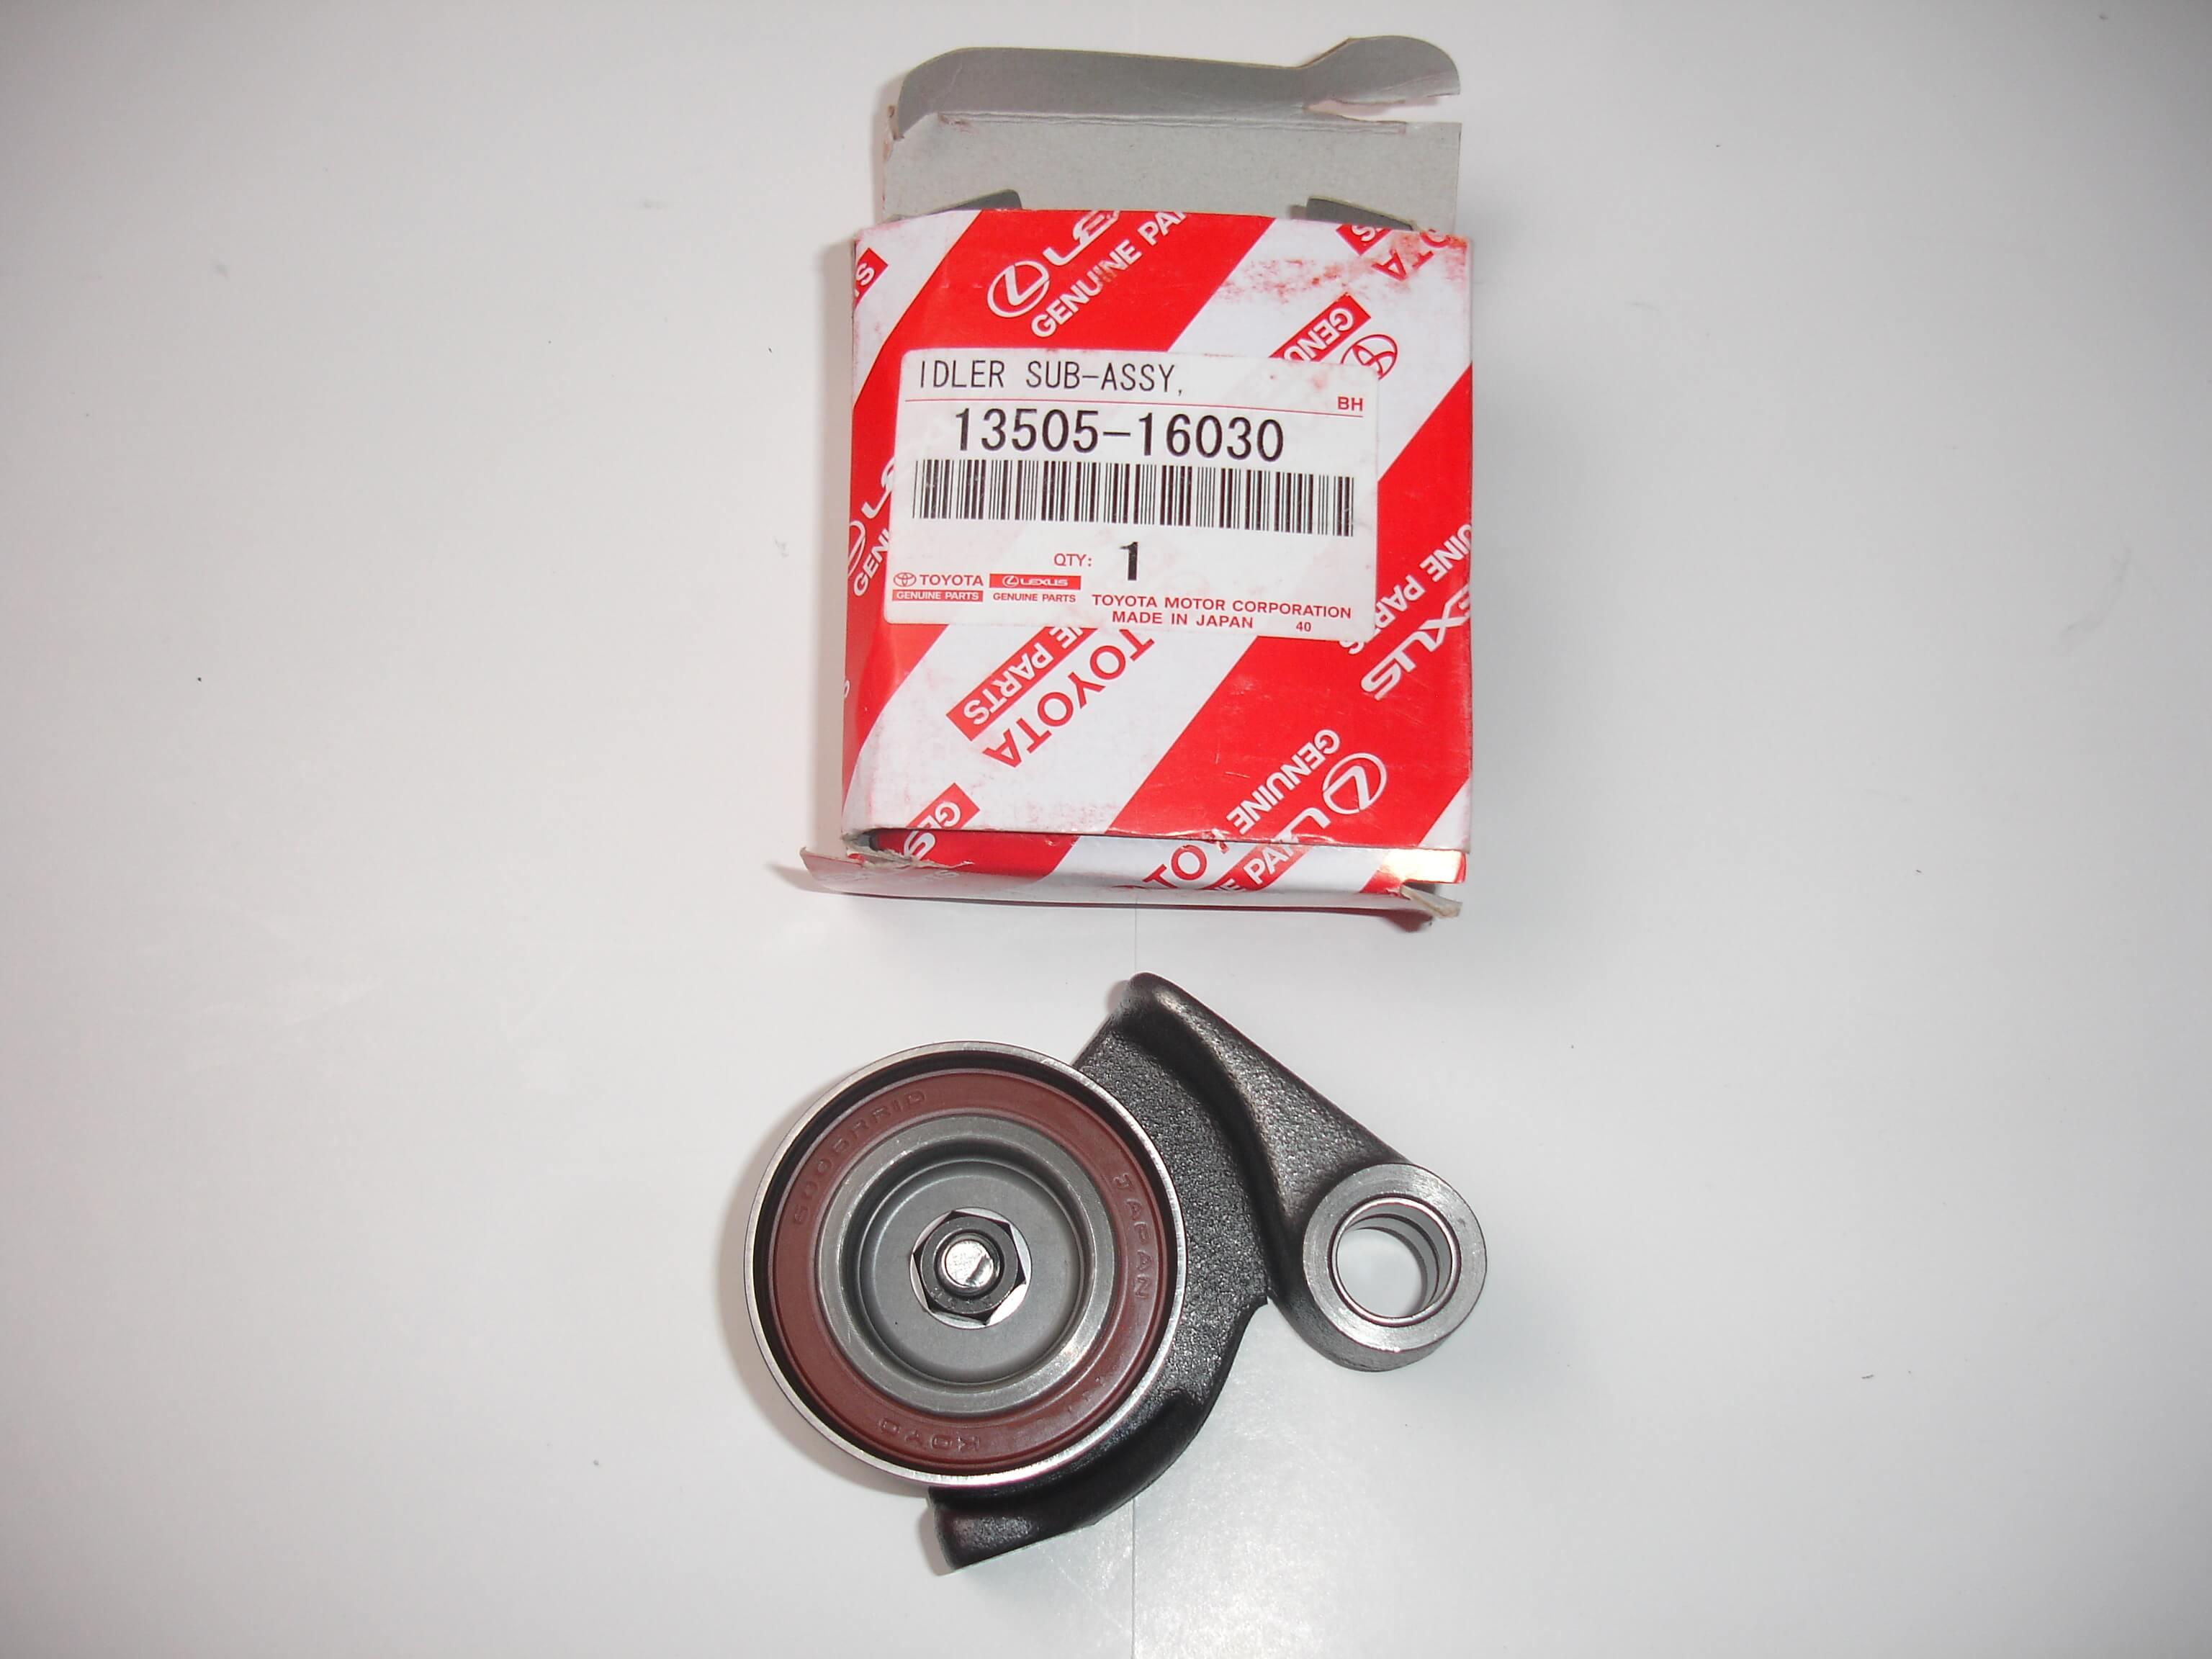 Toyota OEM 4AGE 20V Black Top Timing Belt Idler Pulley 13505-16030